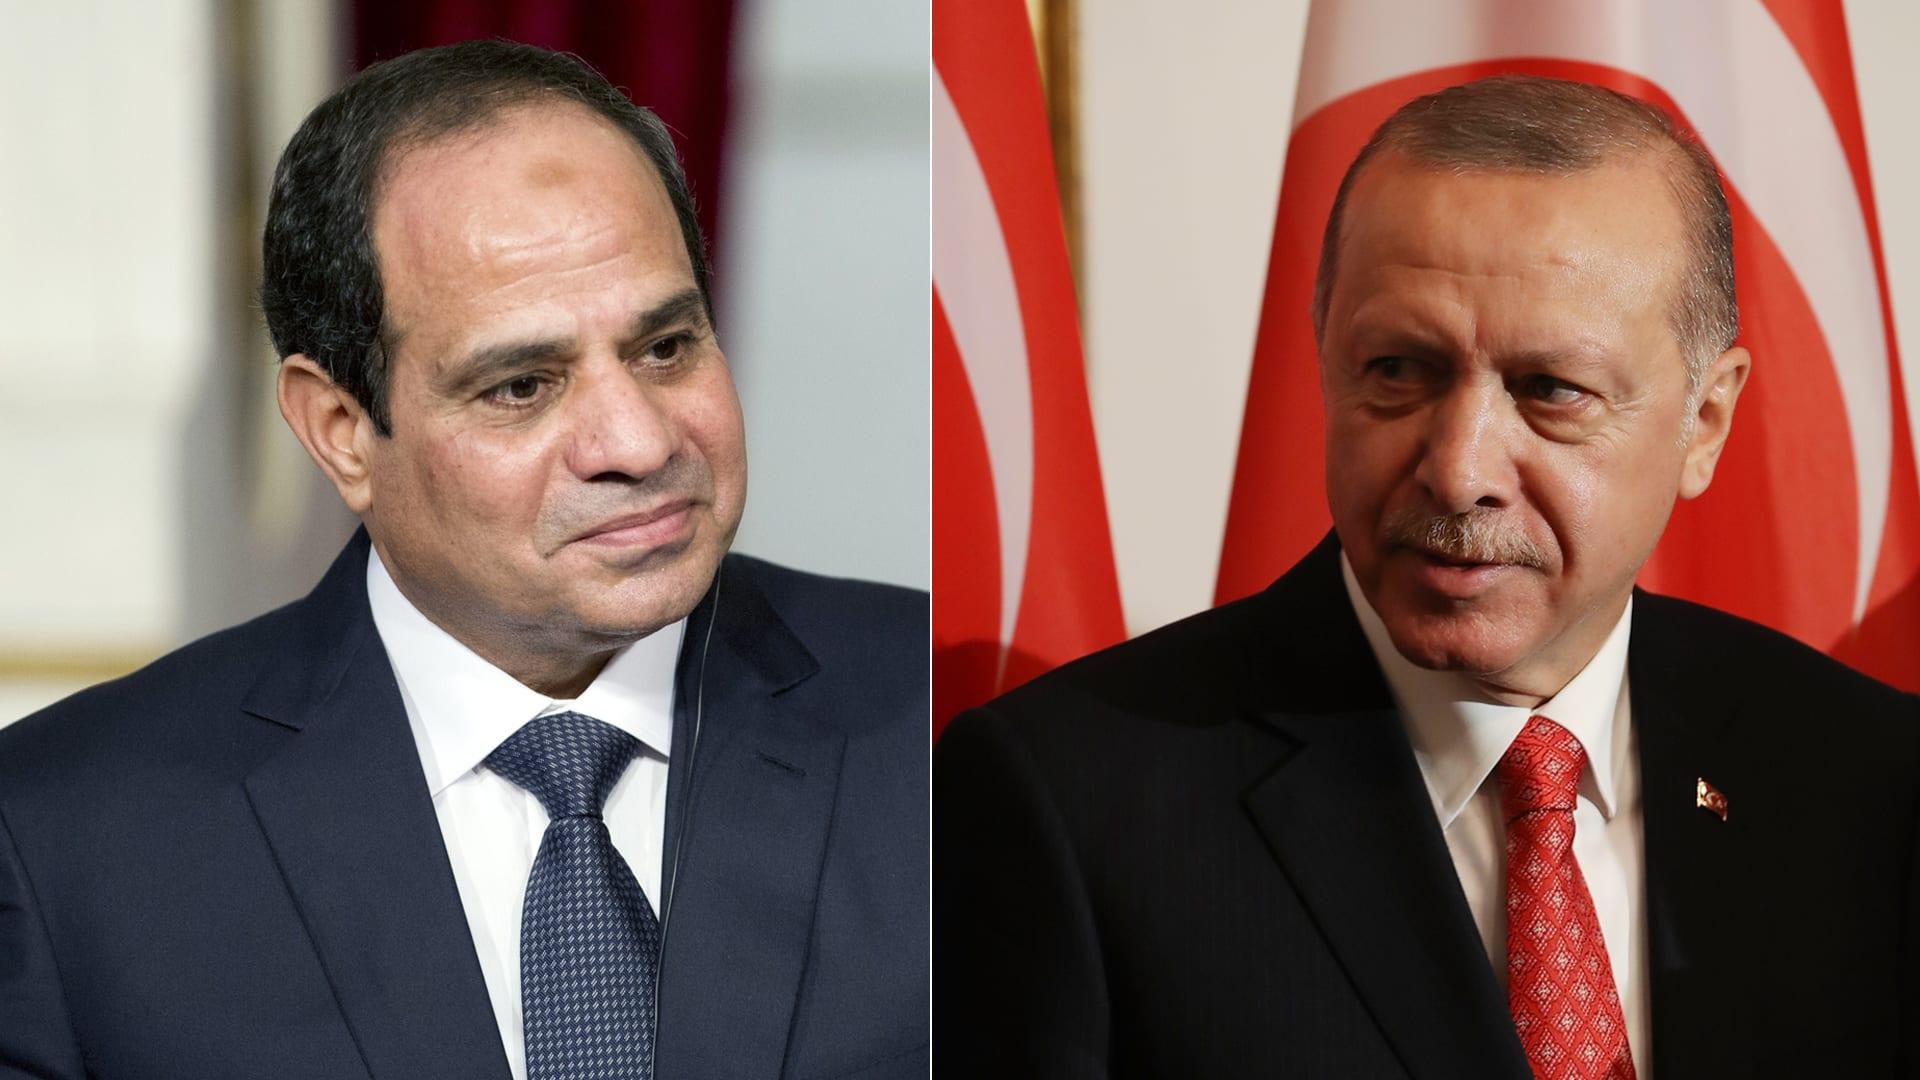 تركيا ومصر تعيدان بناء جسور العلاقة من جديد